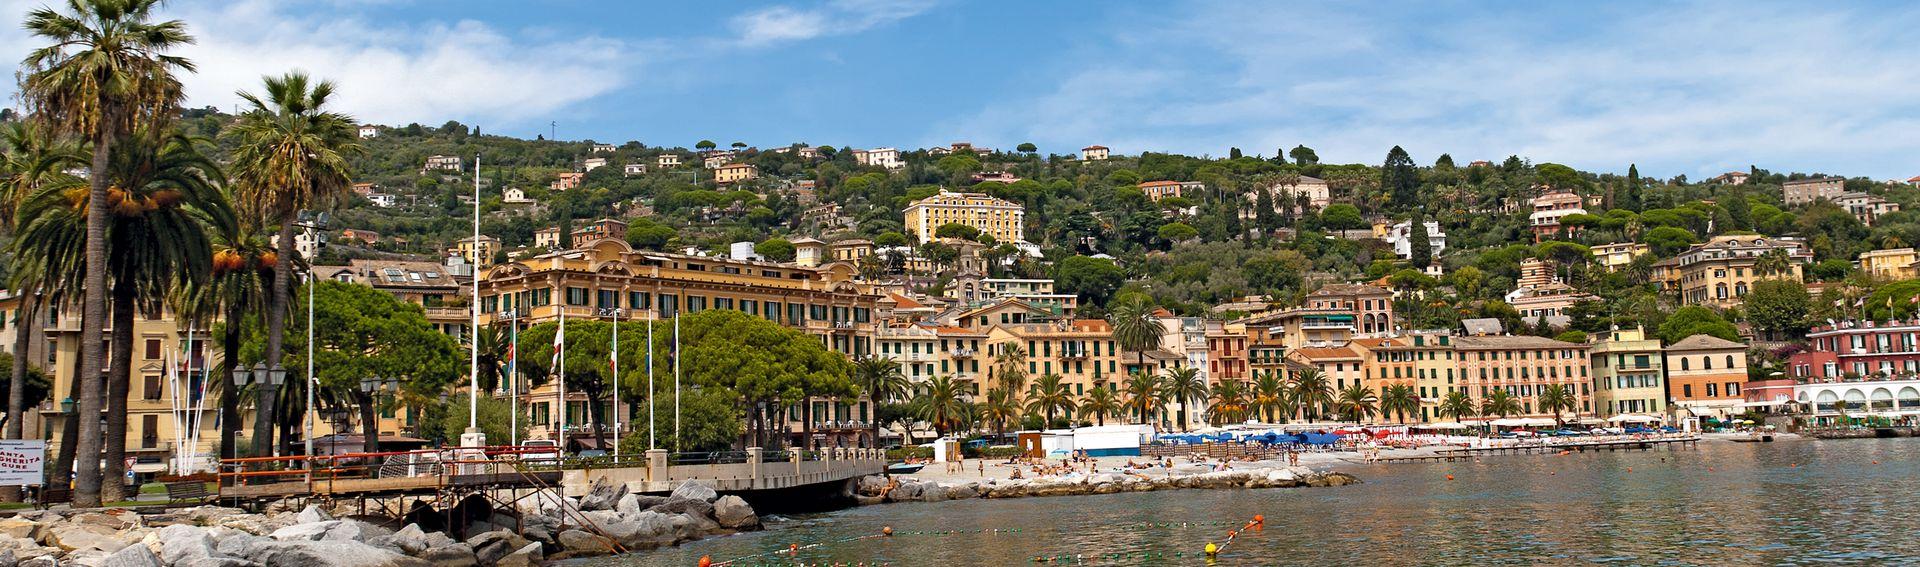 Portofino / Santa Margherita Ligure